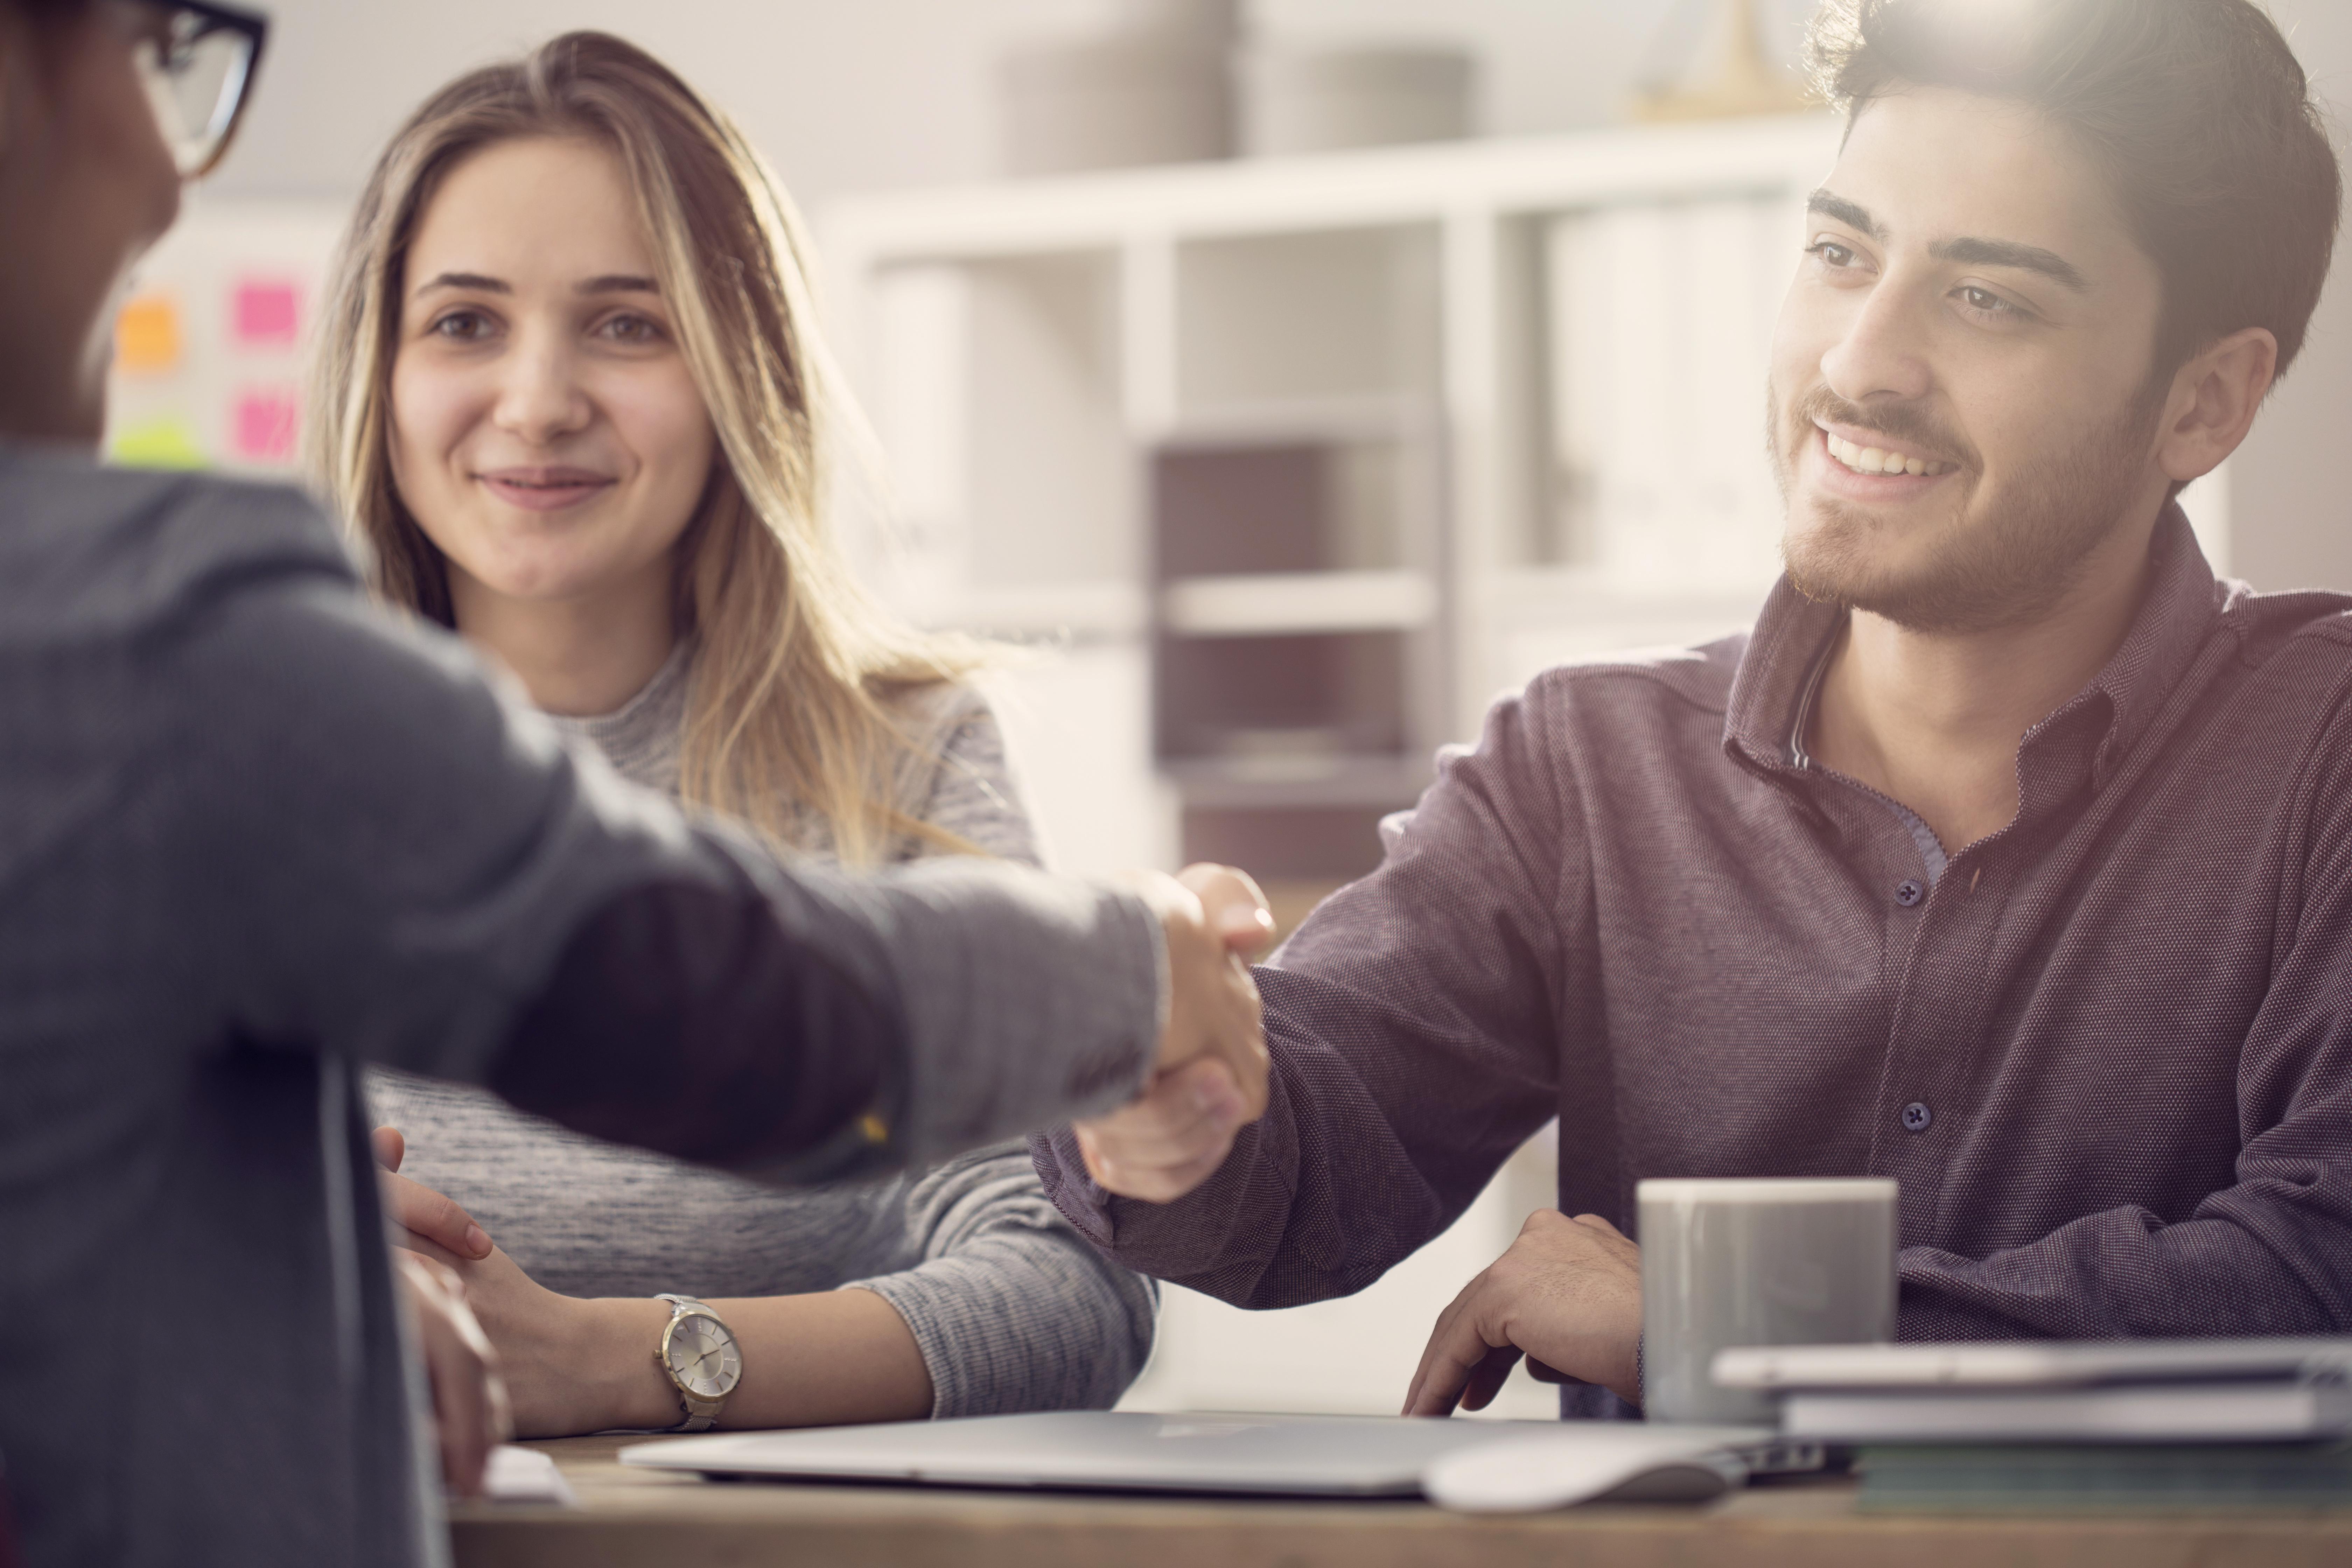 Handshake between a customer and agent